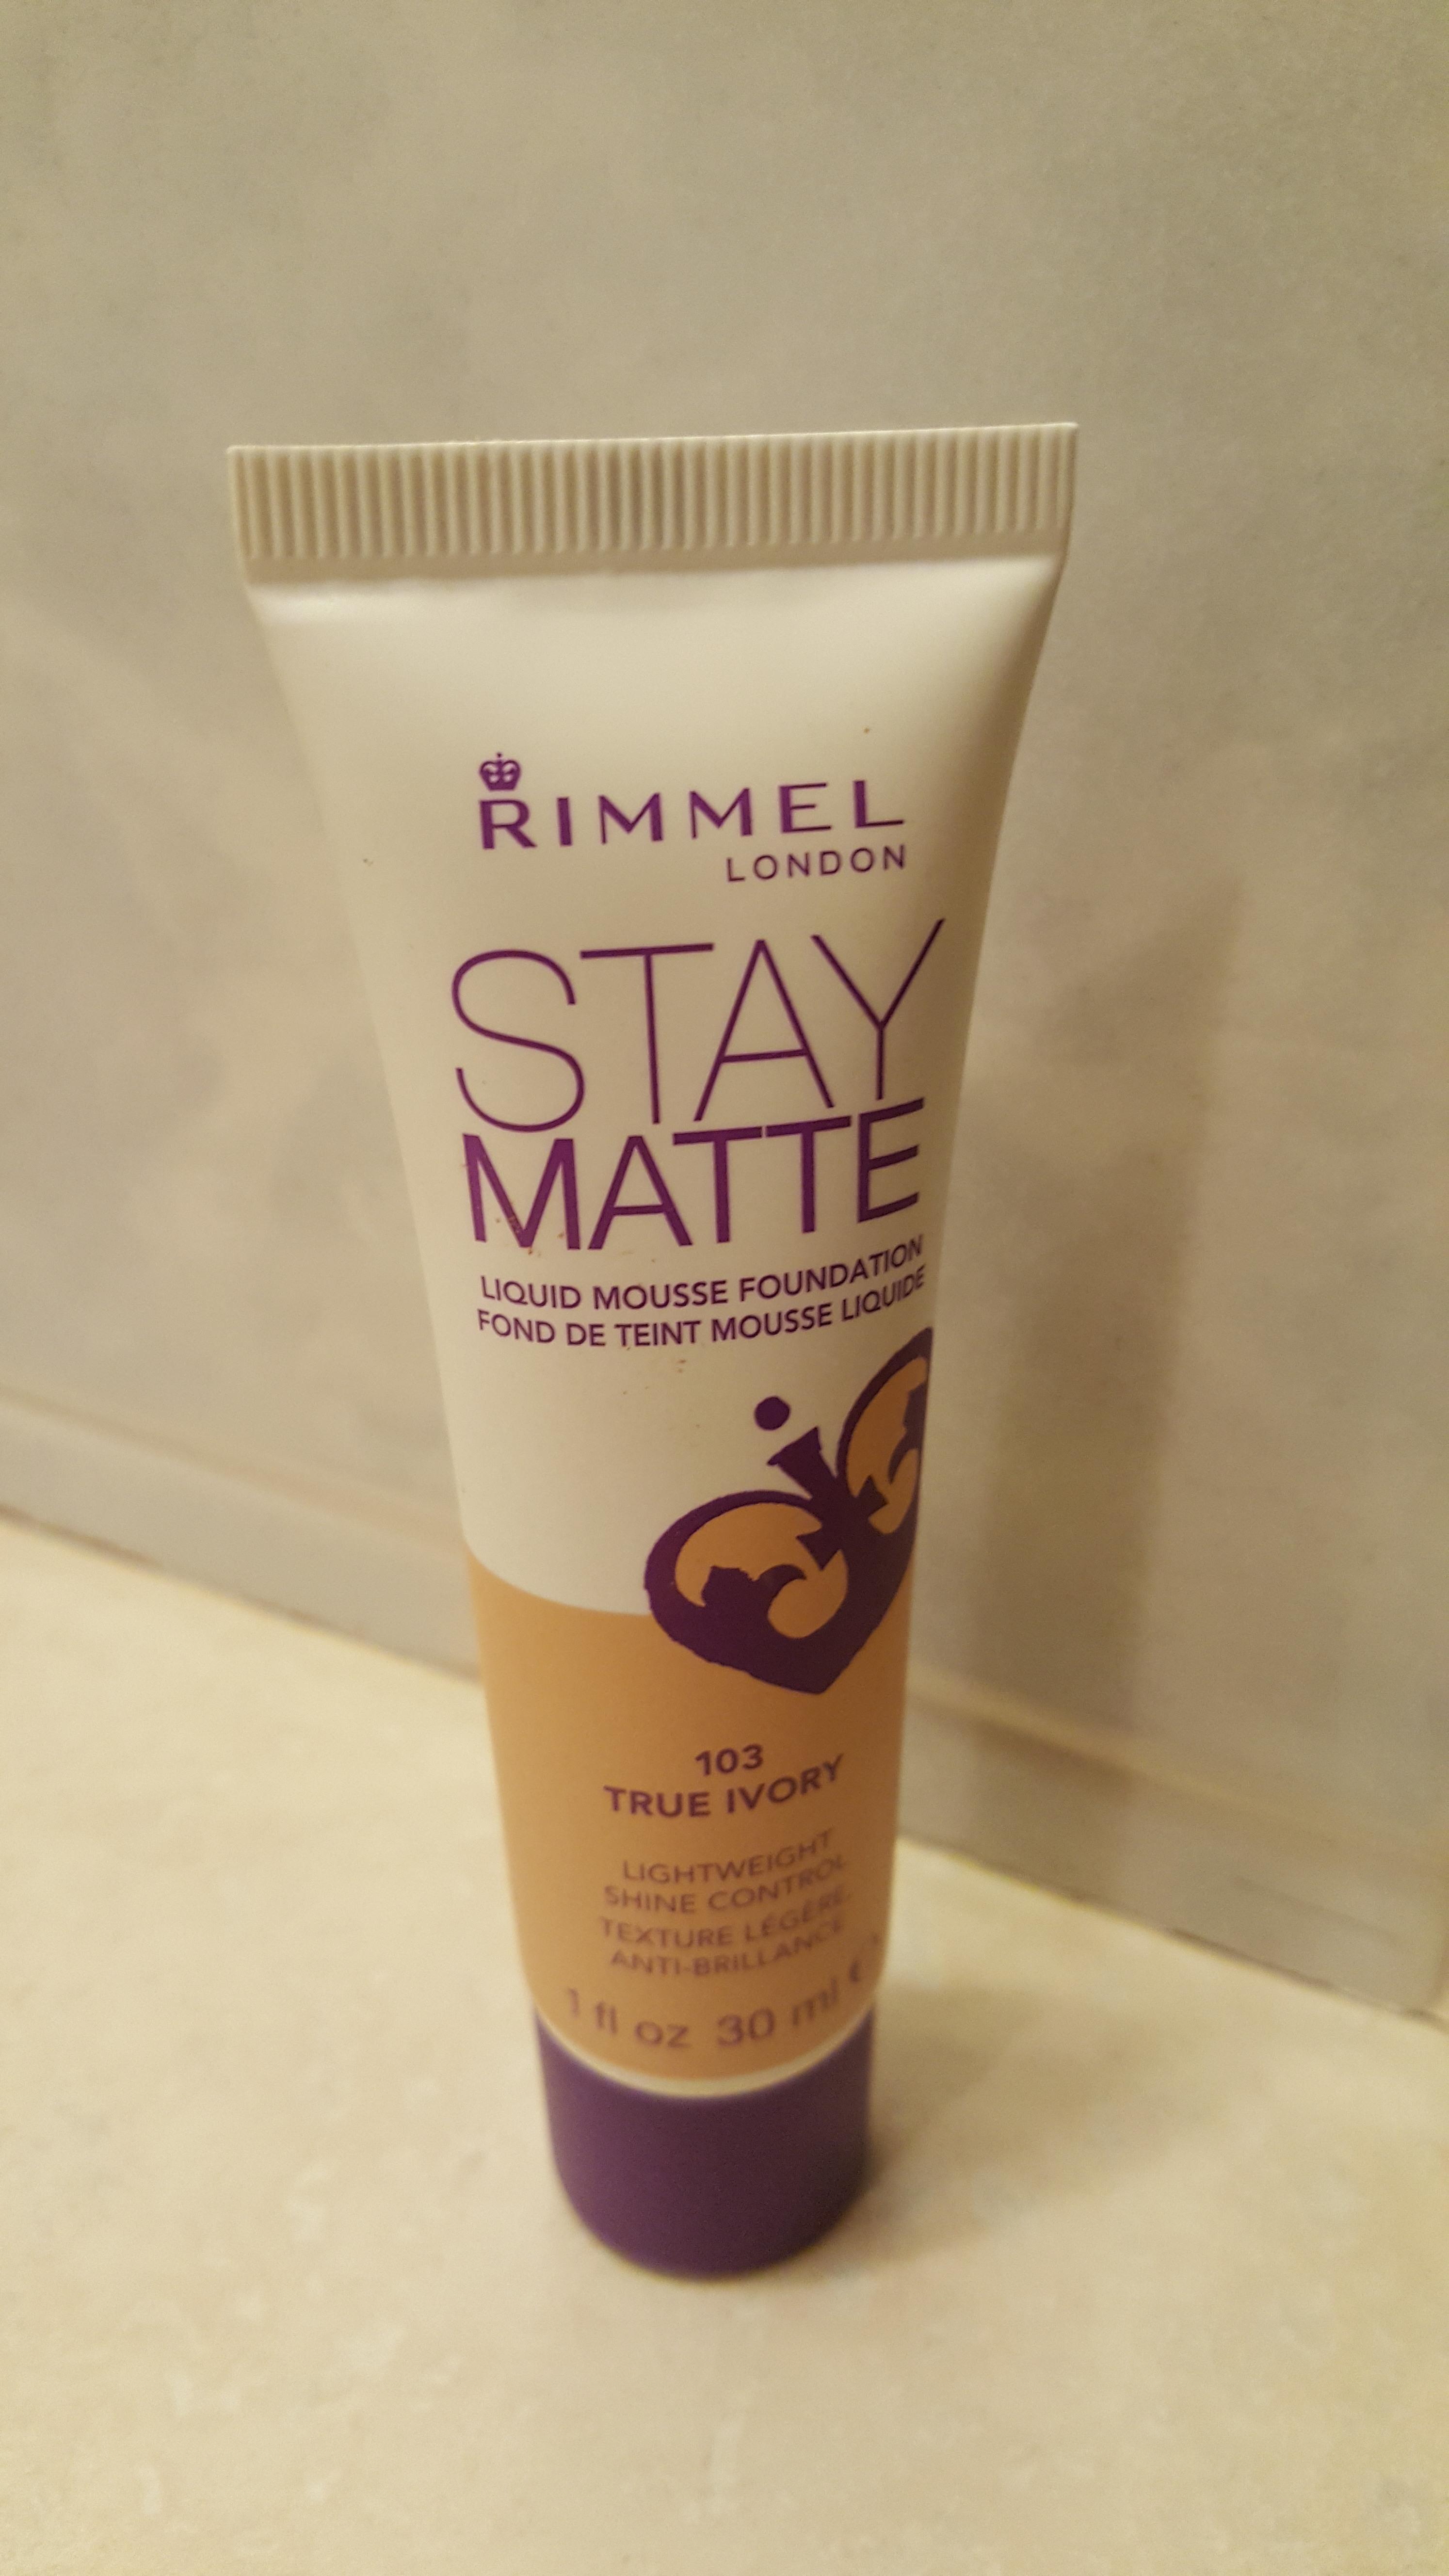 Rimmel London Stay Matte Liquid Mousse Foundation reviews ...